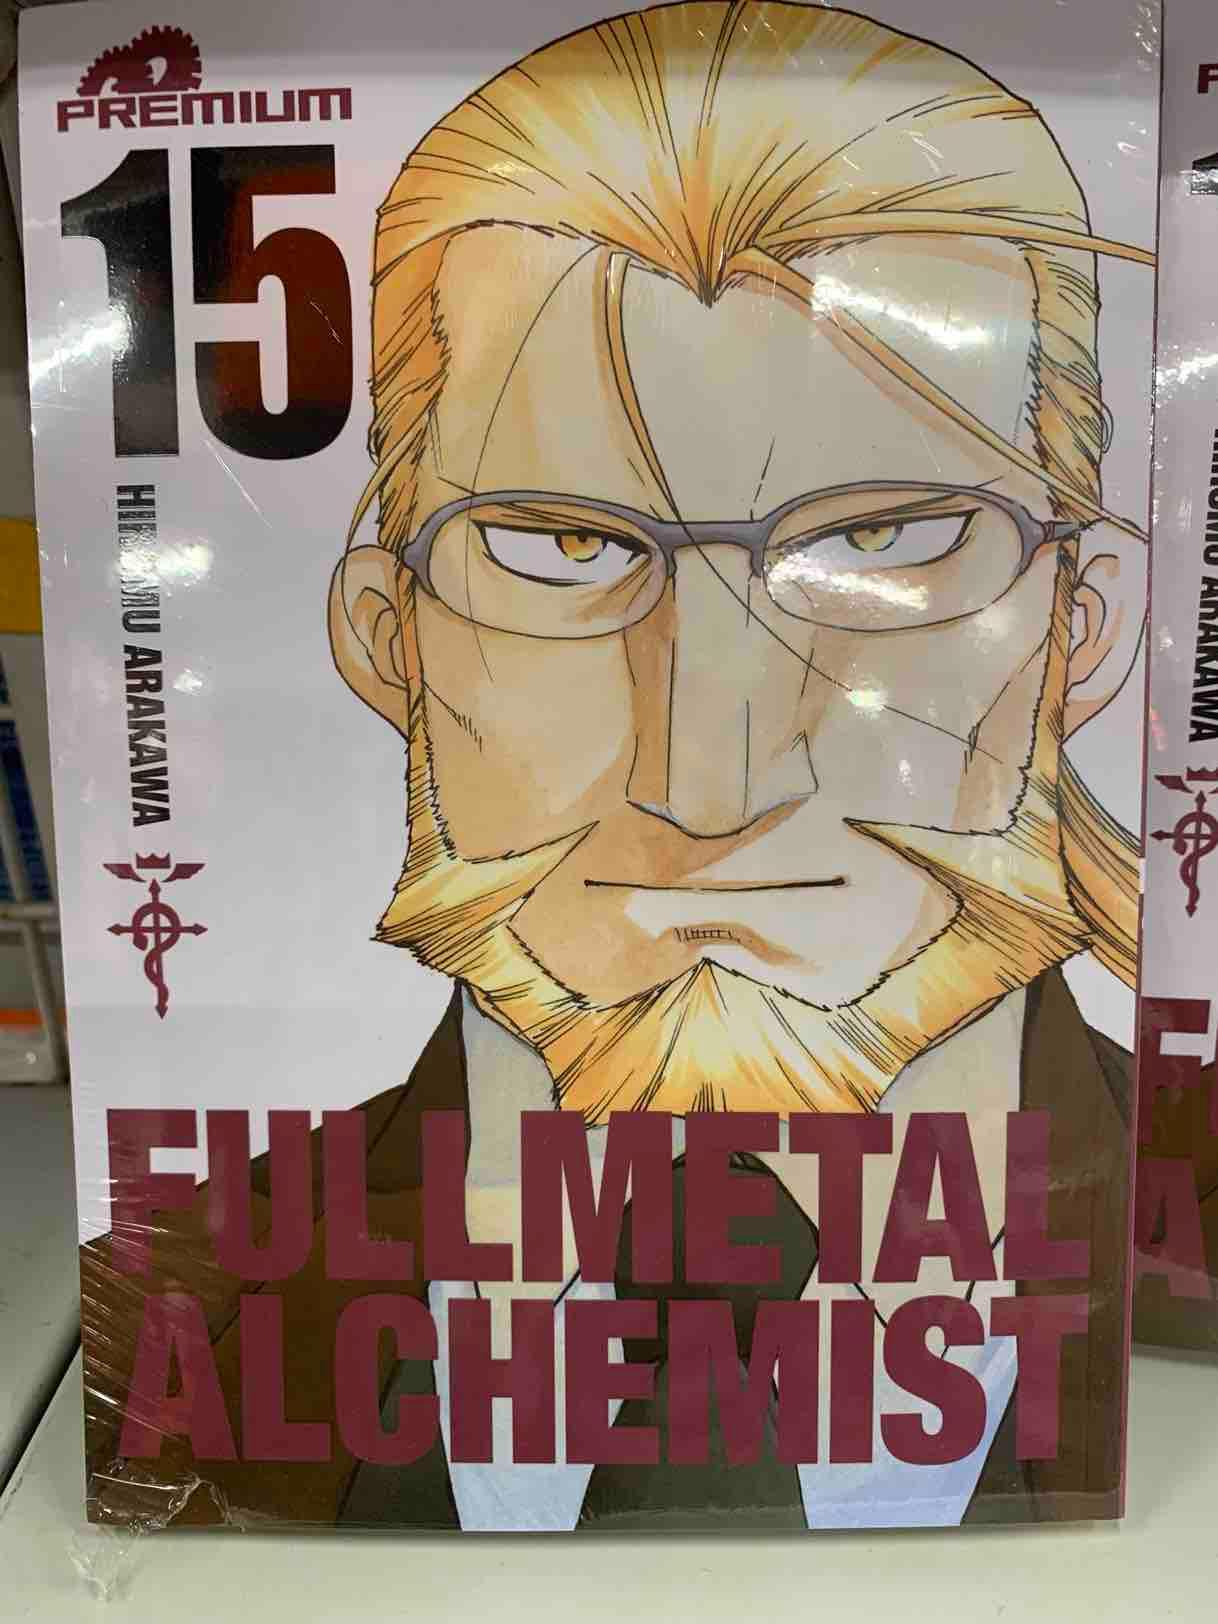 Fullmetal alchemist premium vol 15